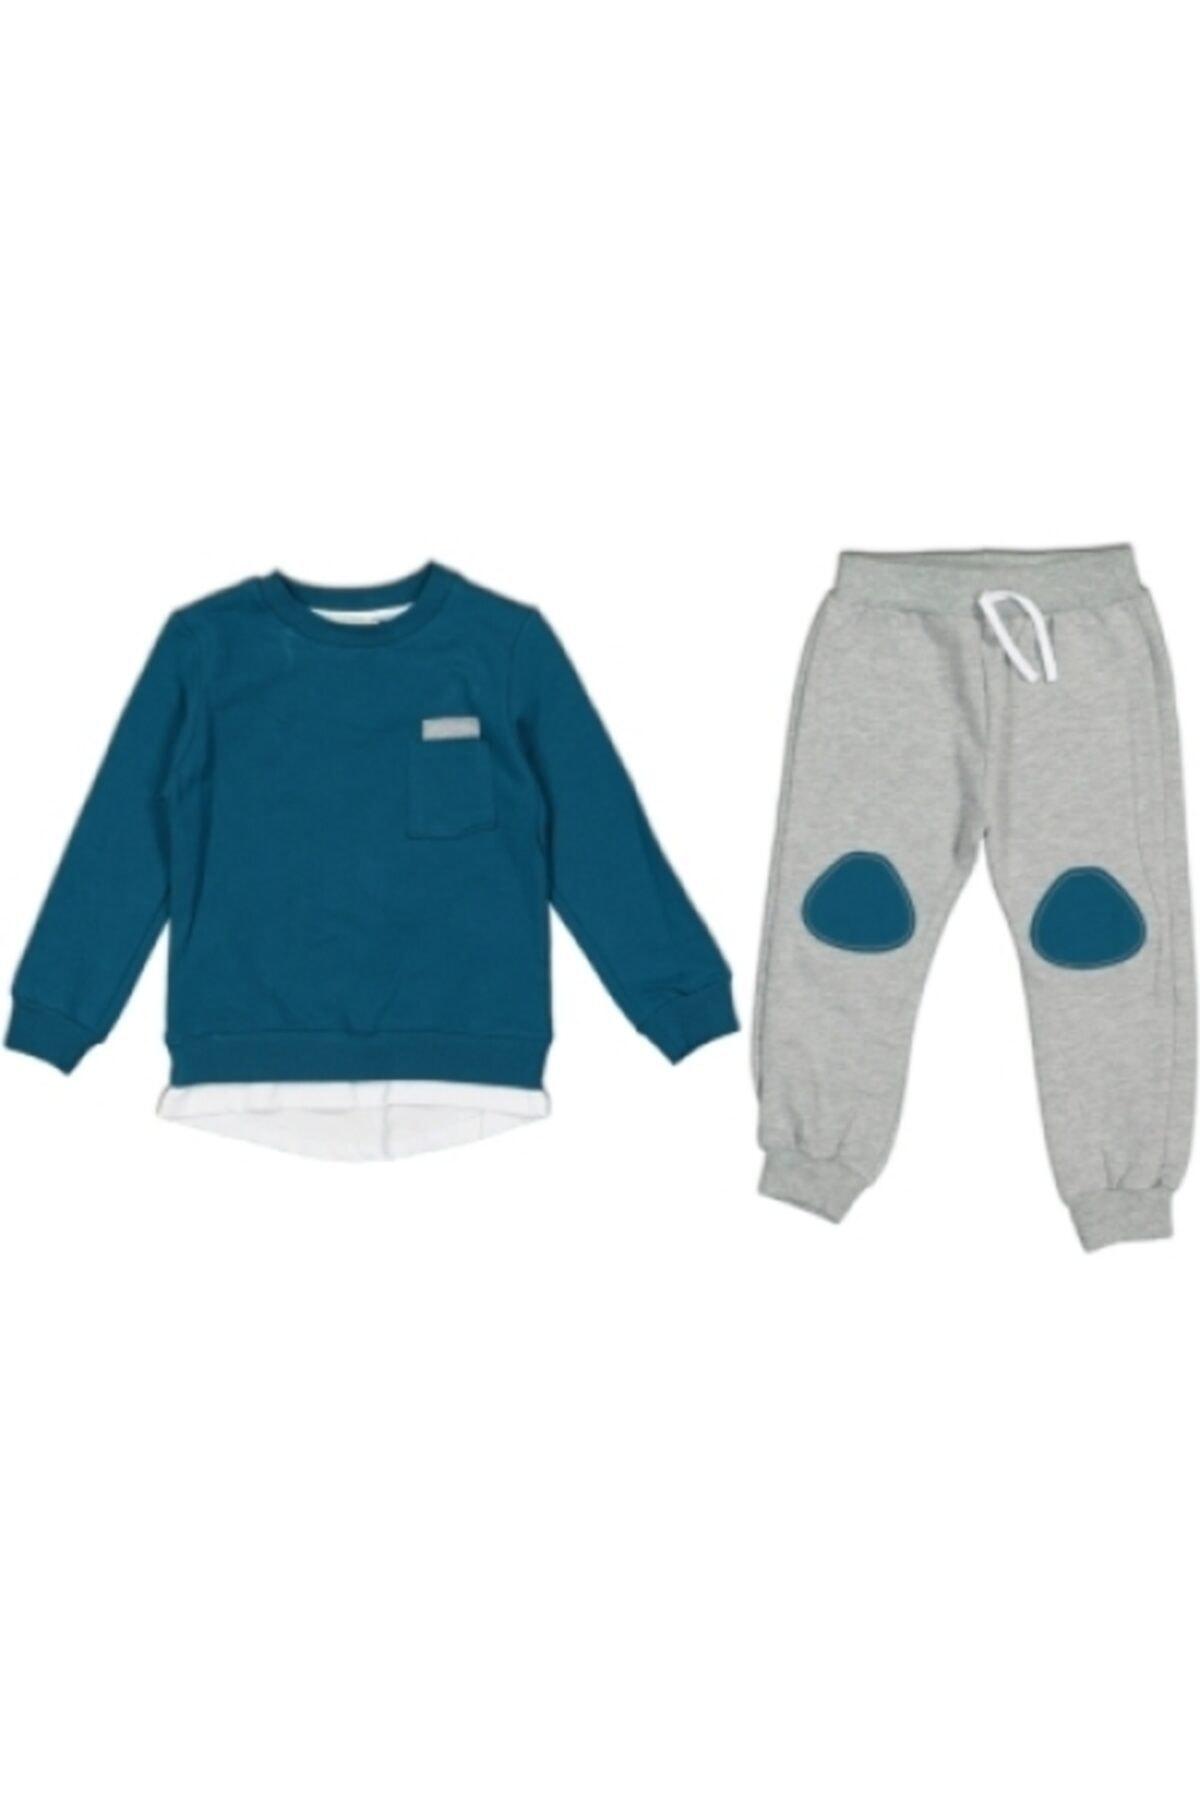 CİVELEK Erkek Bebek Mavi Gri  Alt Üst Takım 1